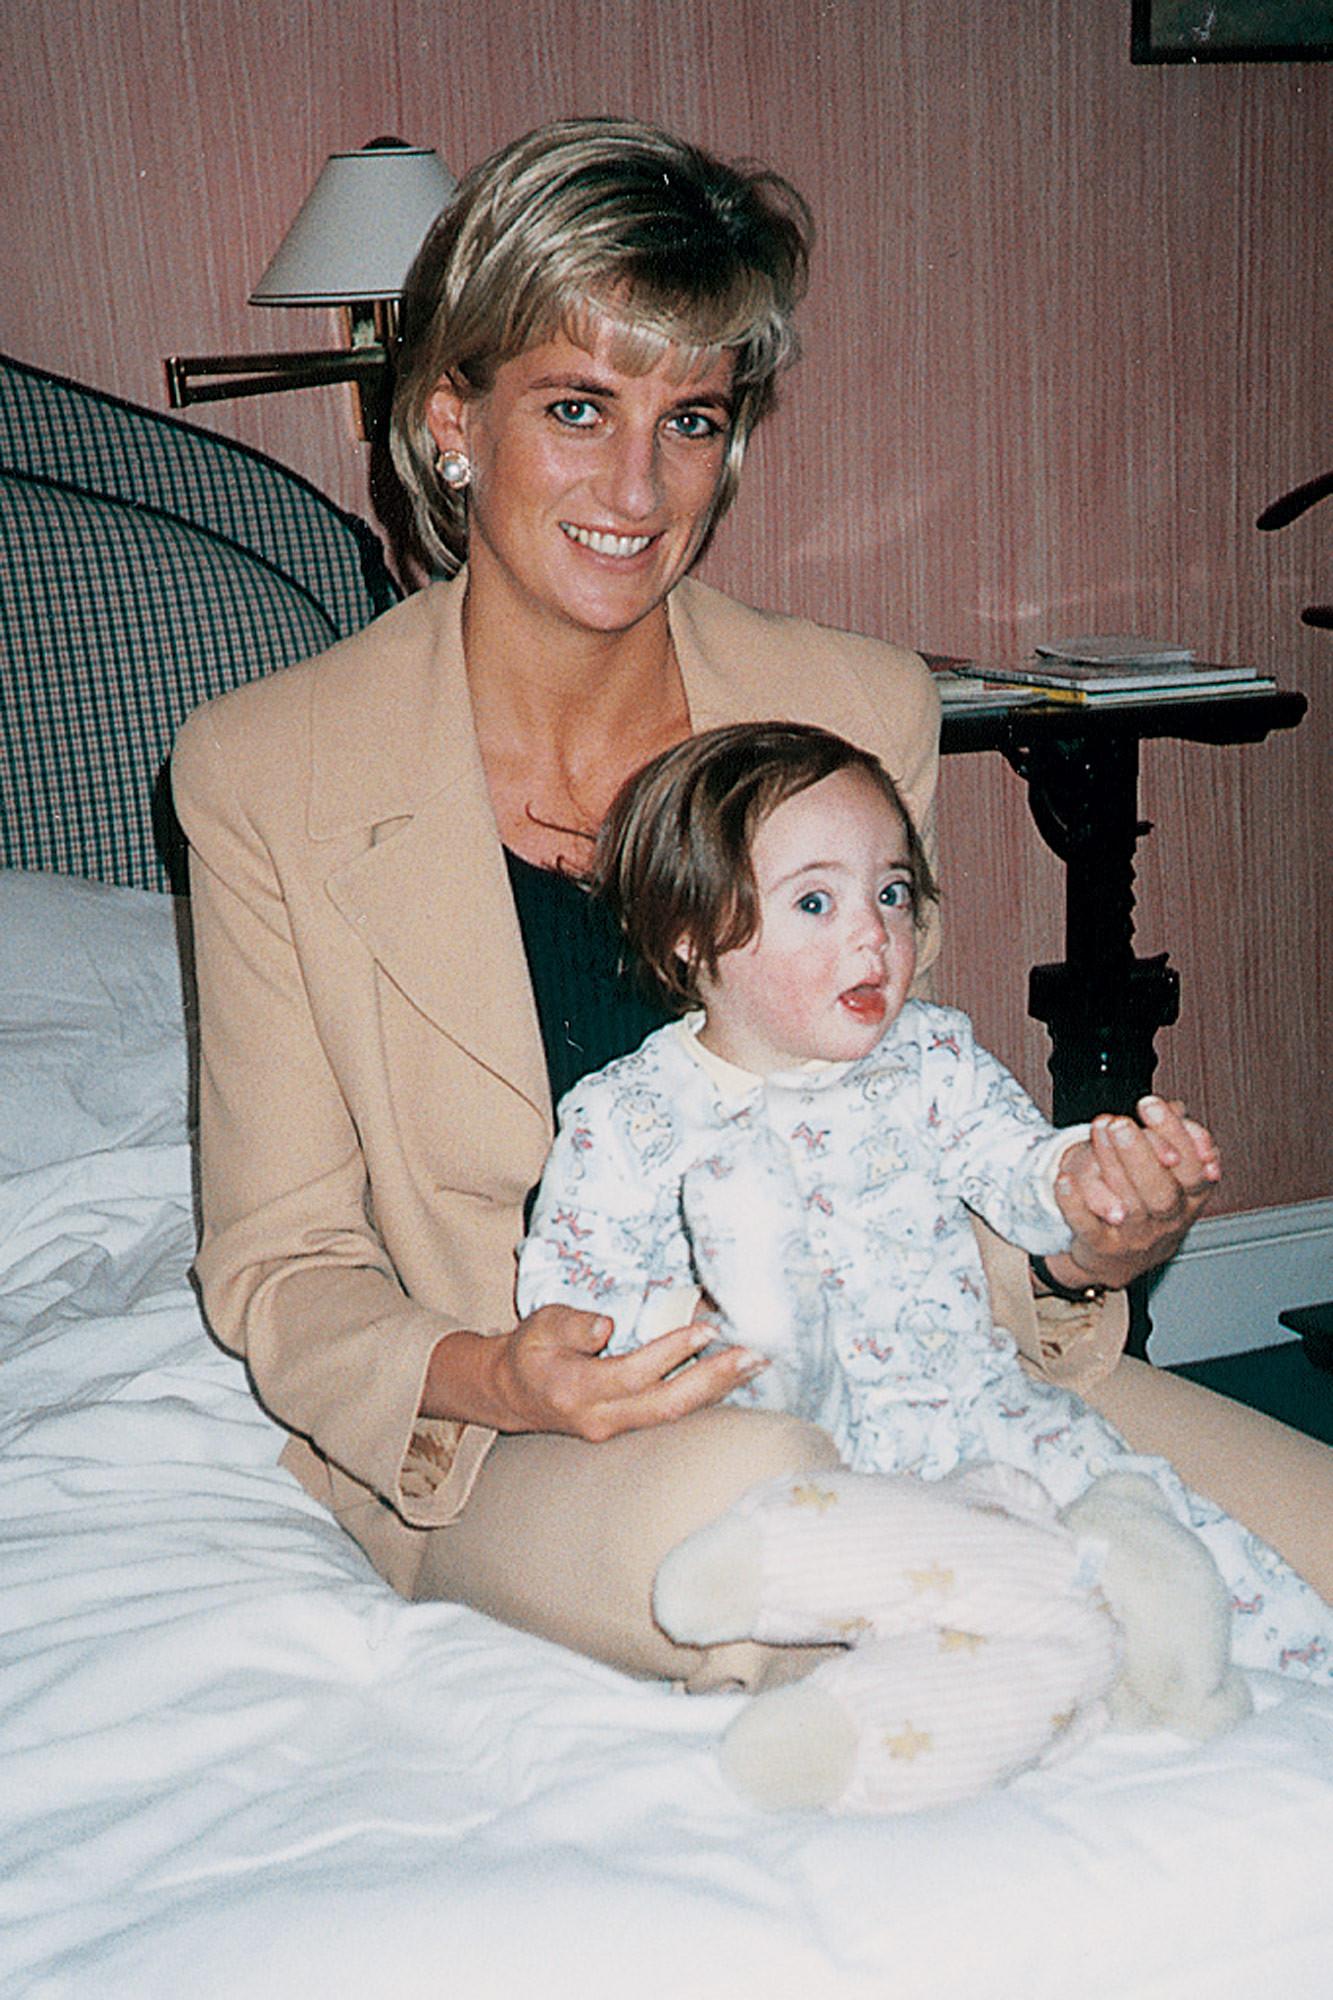 Domenica war eines von 17 Patenkindern der britischen Prinzessin.  Foto: Privat